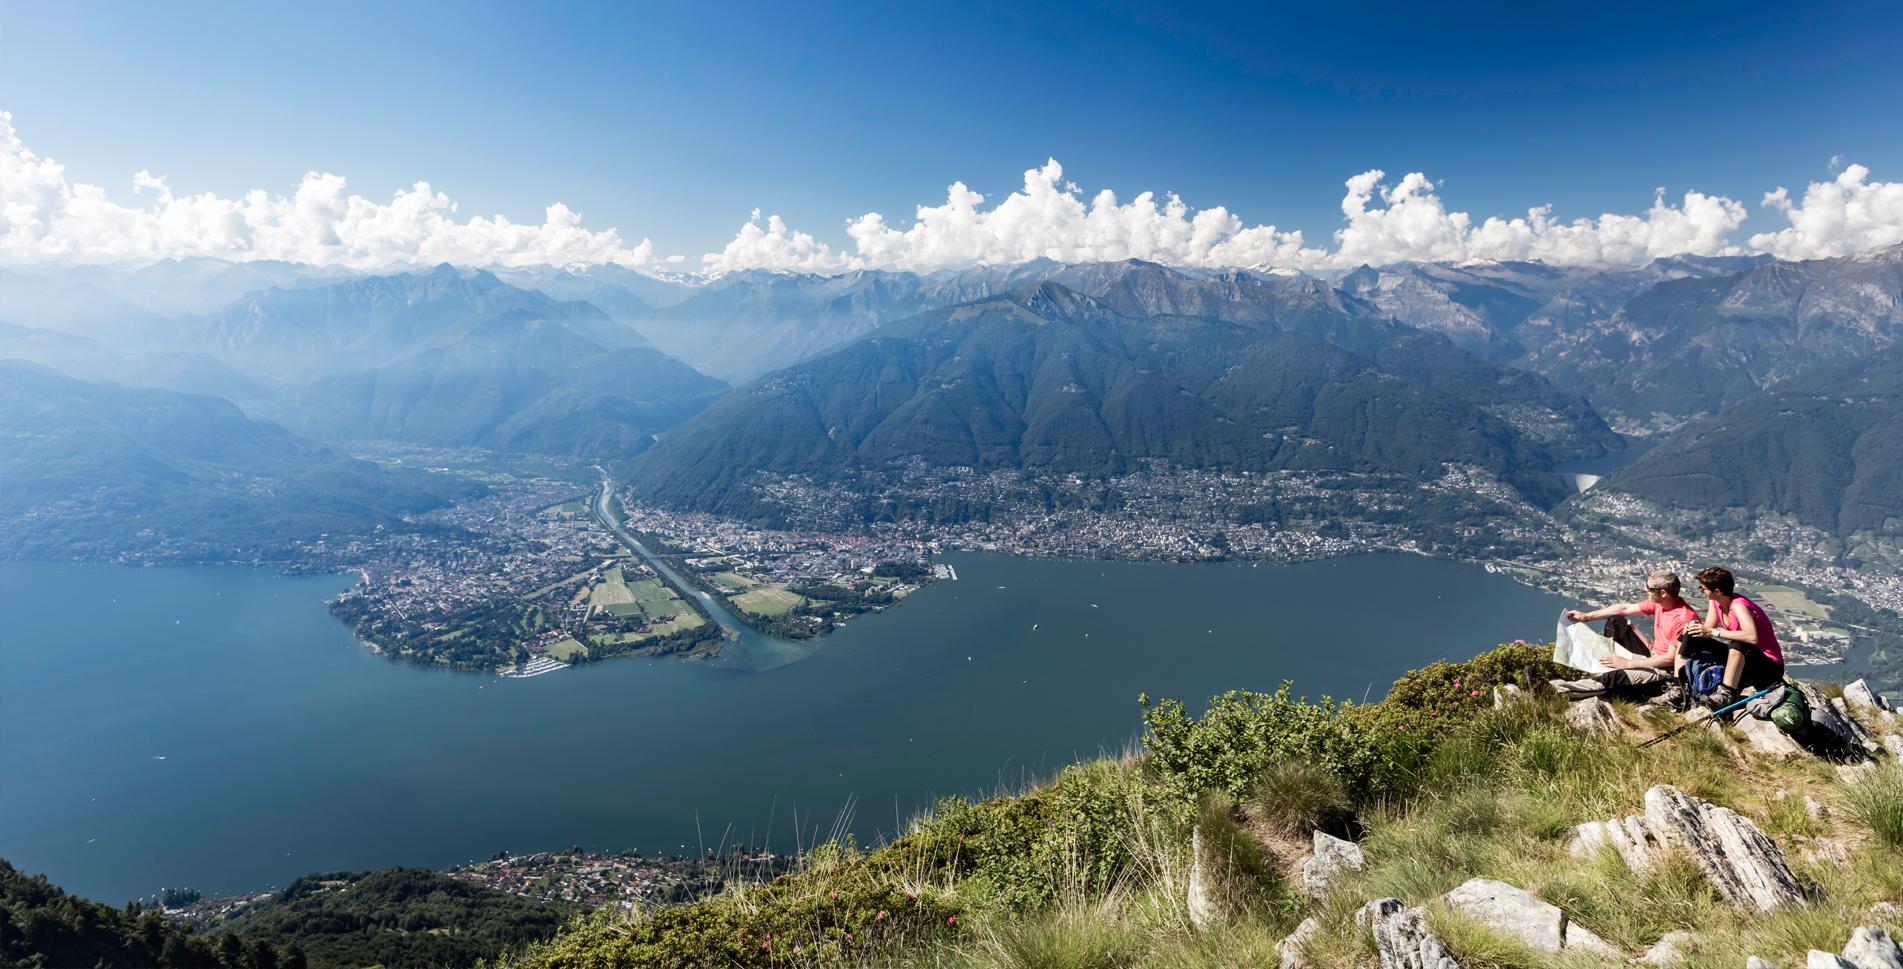 Wanderung von Locarno / Ascona, Monti della Trinità, auf dem Sentiero Collina Alta via Orselina, Madonna del Sasso nach Contra